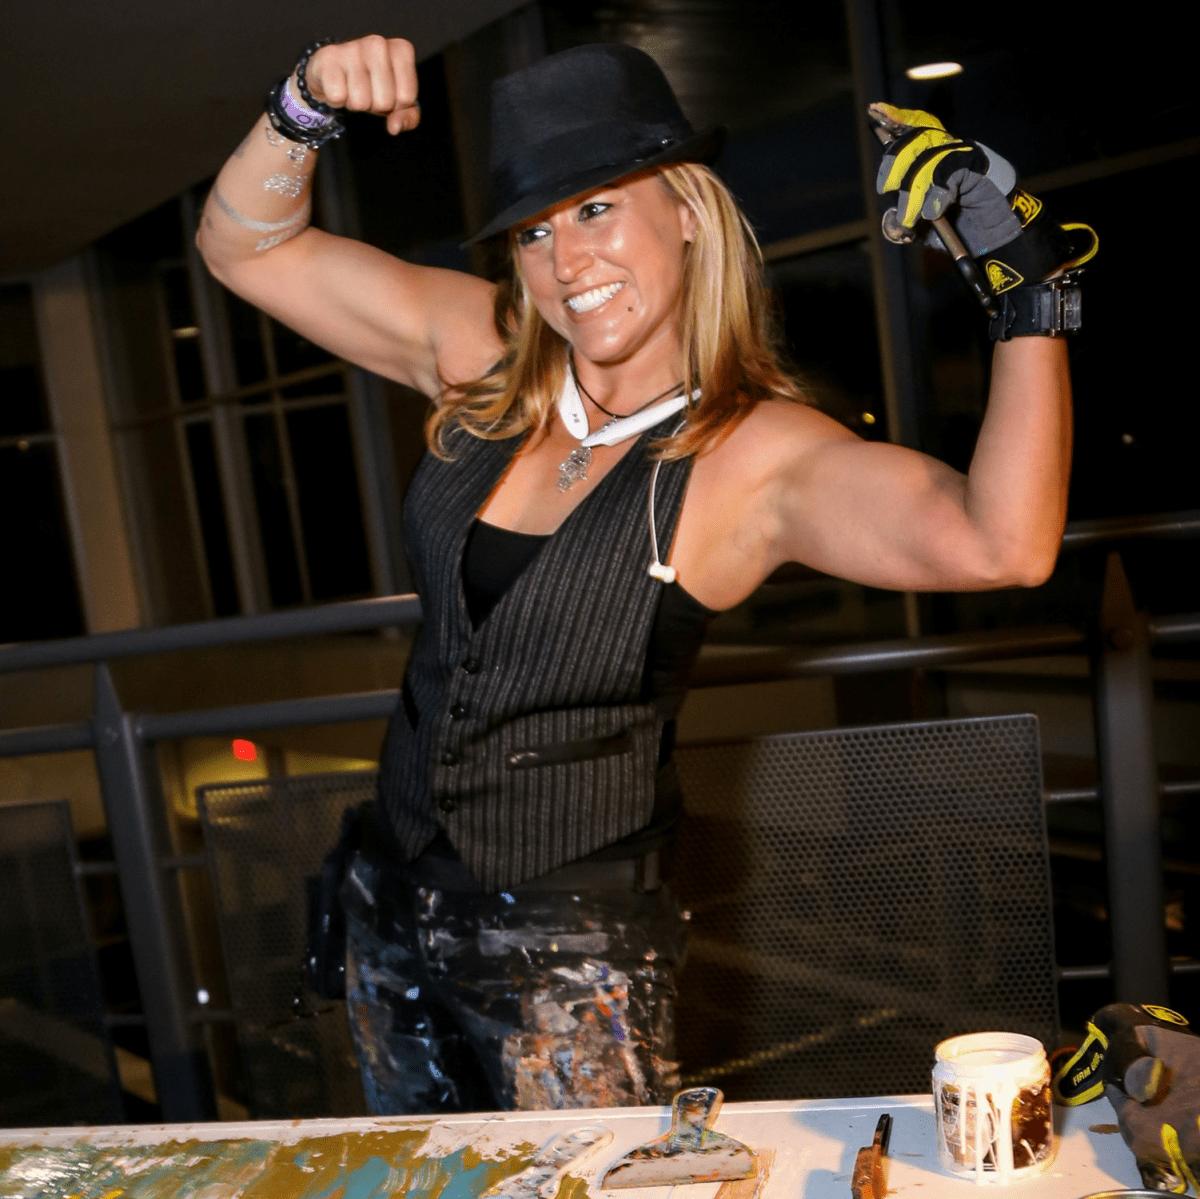 Christina D. Yielding